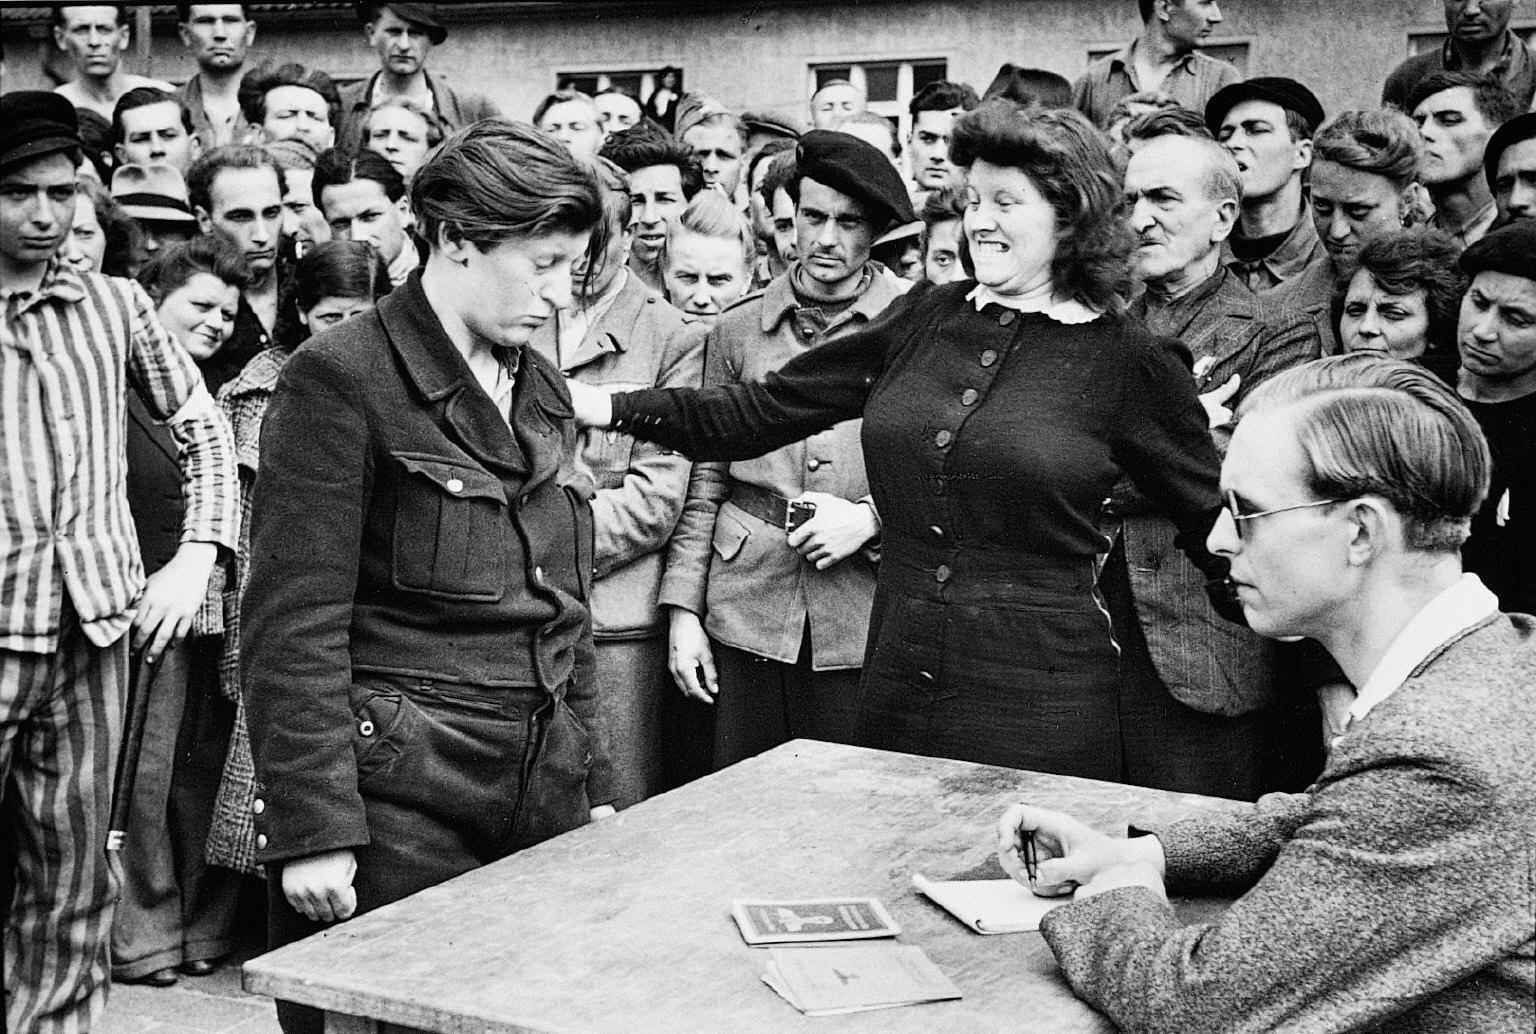 Dessau: Exposing a Gestapo Informer